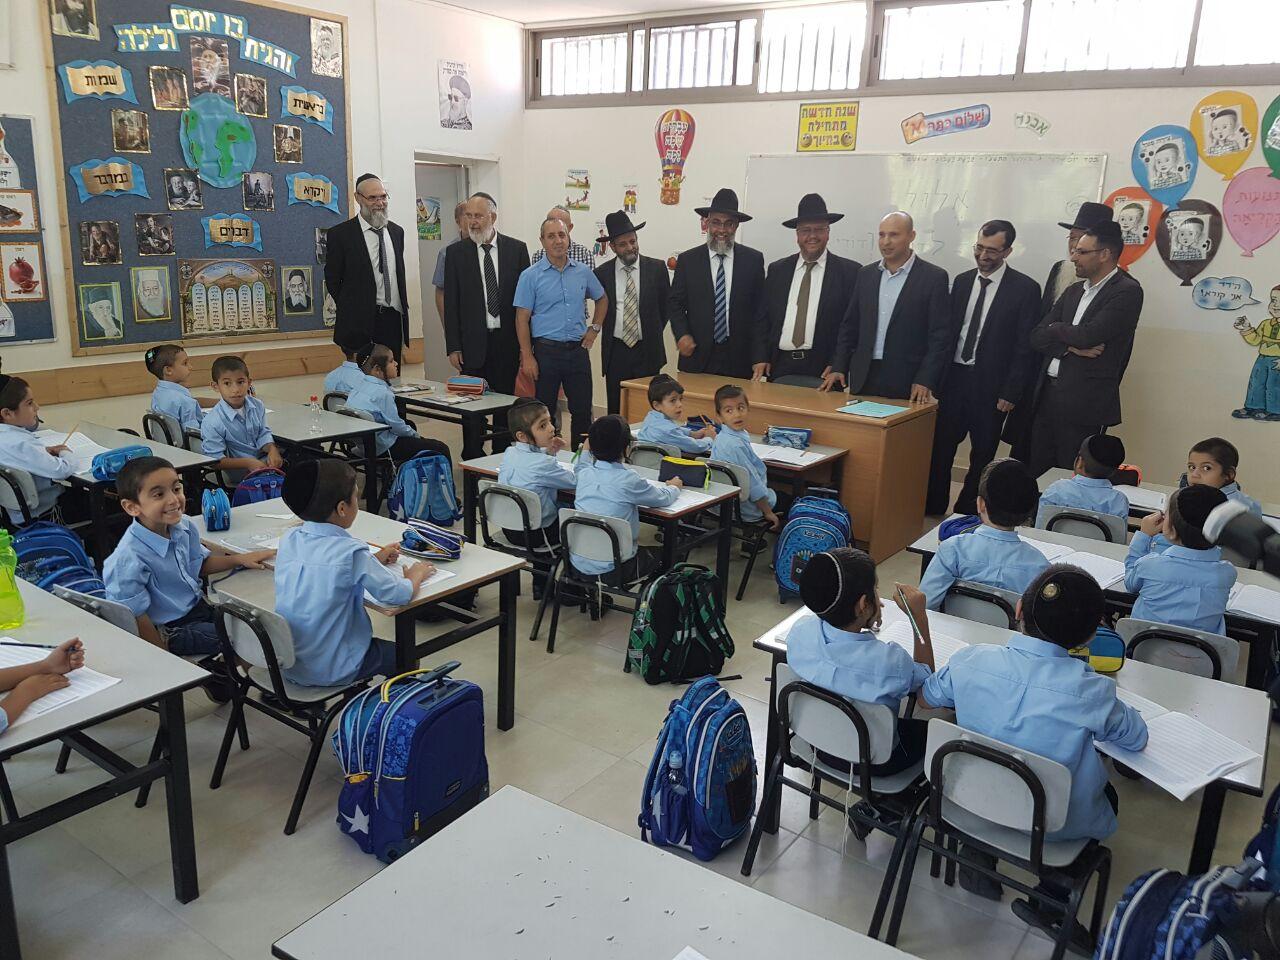 מוסדות חינוך חרדים בתל אביב